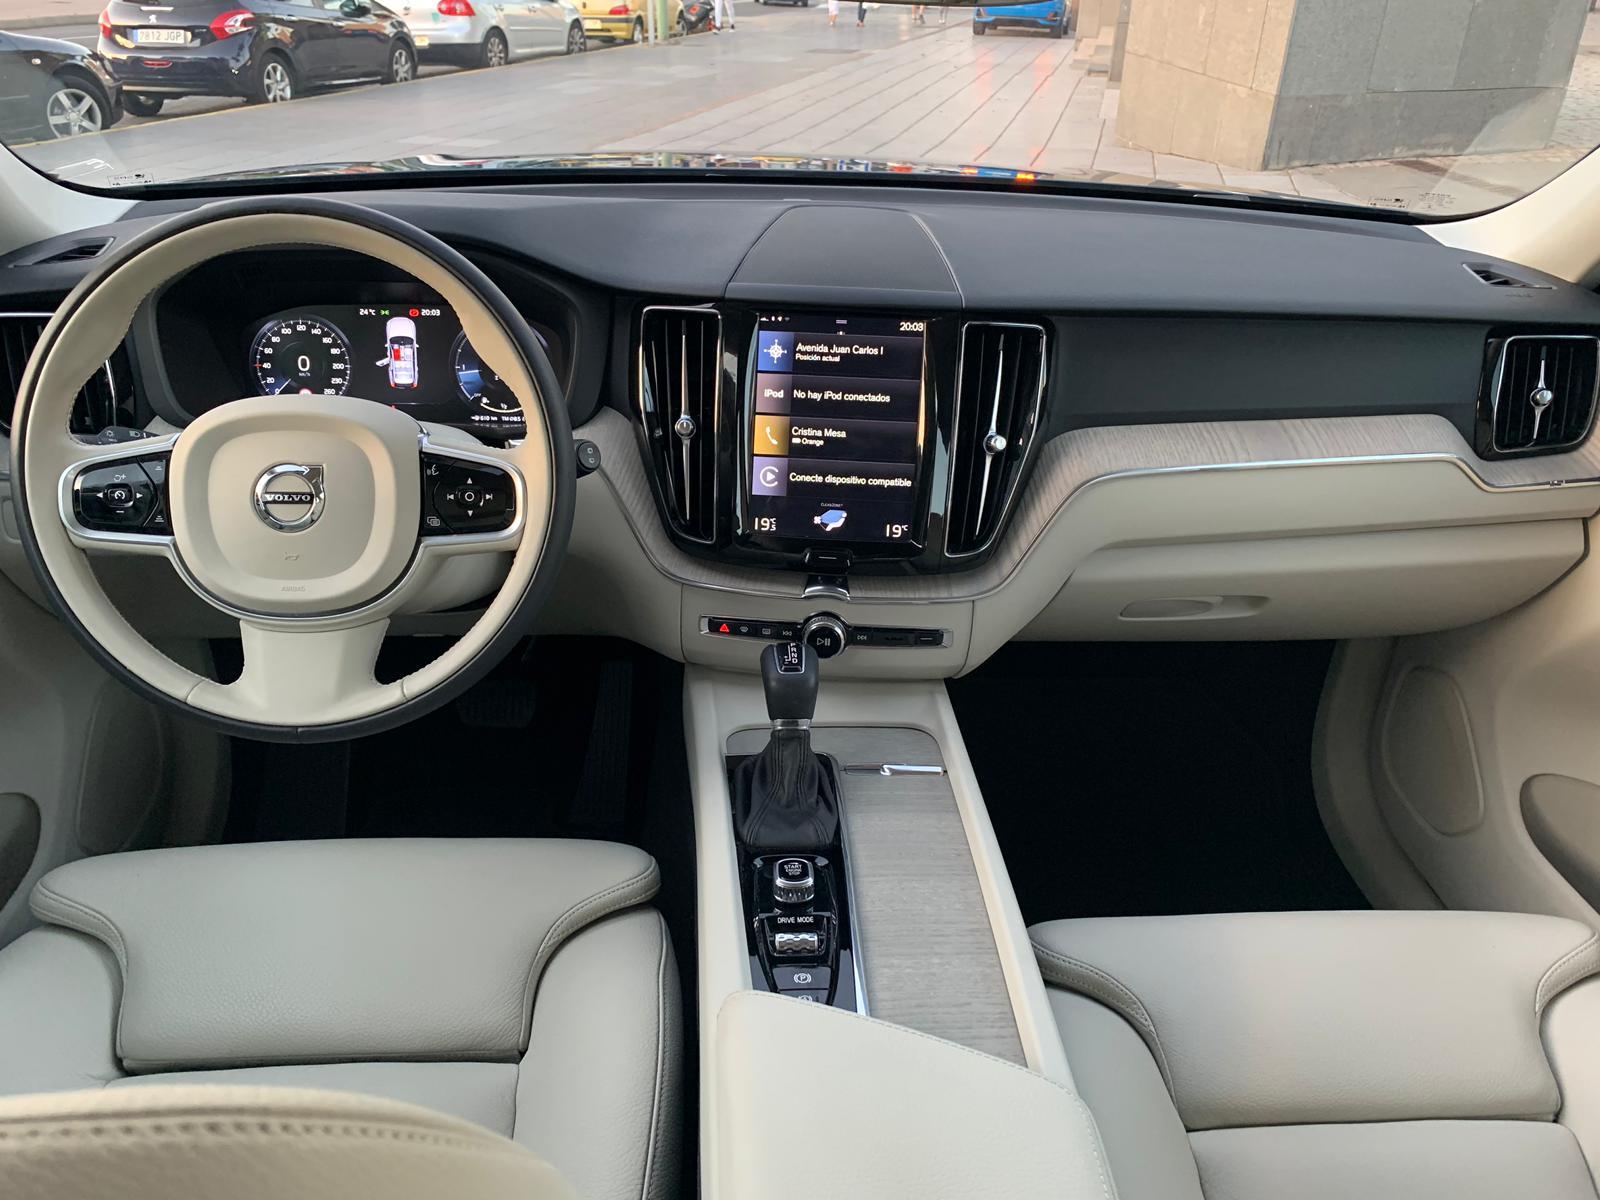 XC60 2.0 INSCRIPTION D4 AWD 2018 SEP19 (10)